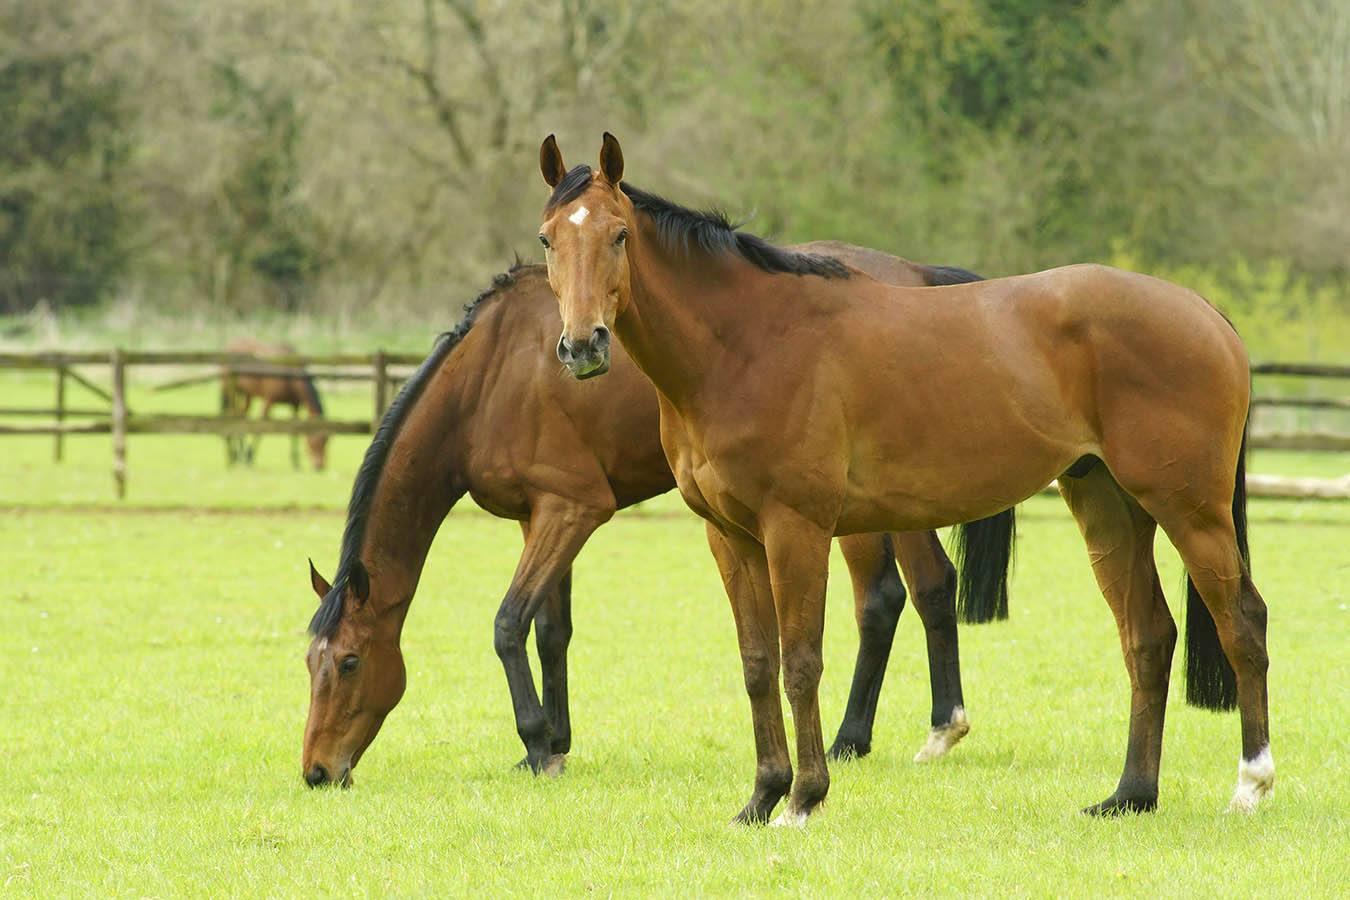 England Thoroughbred horses